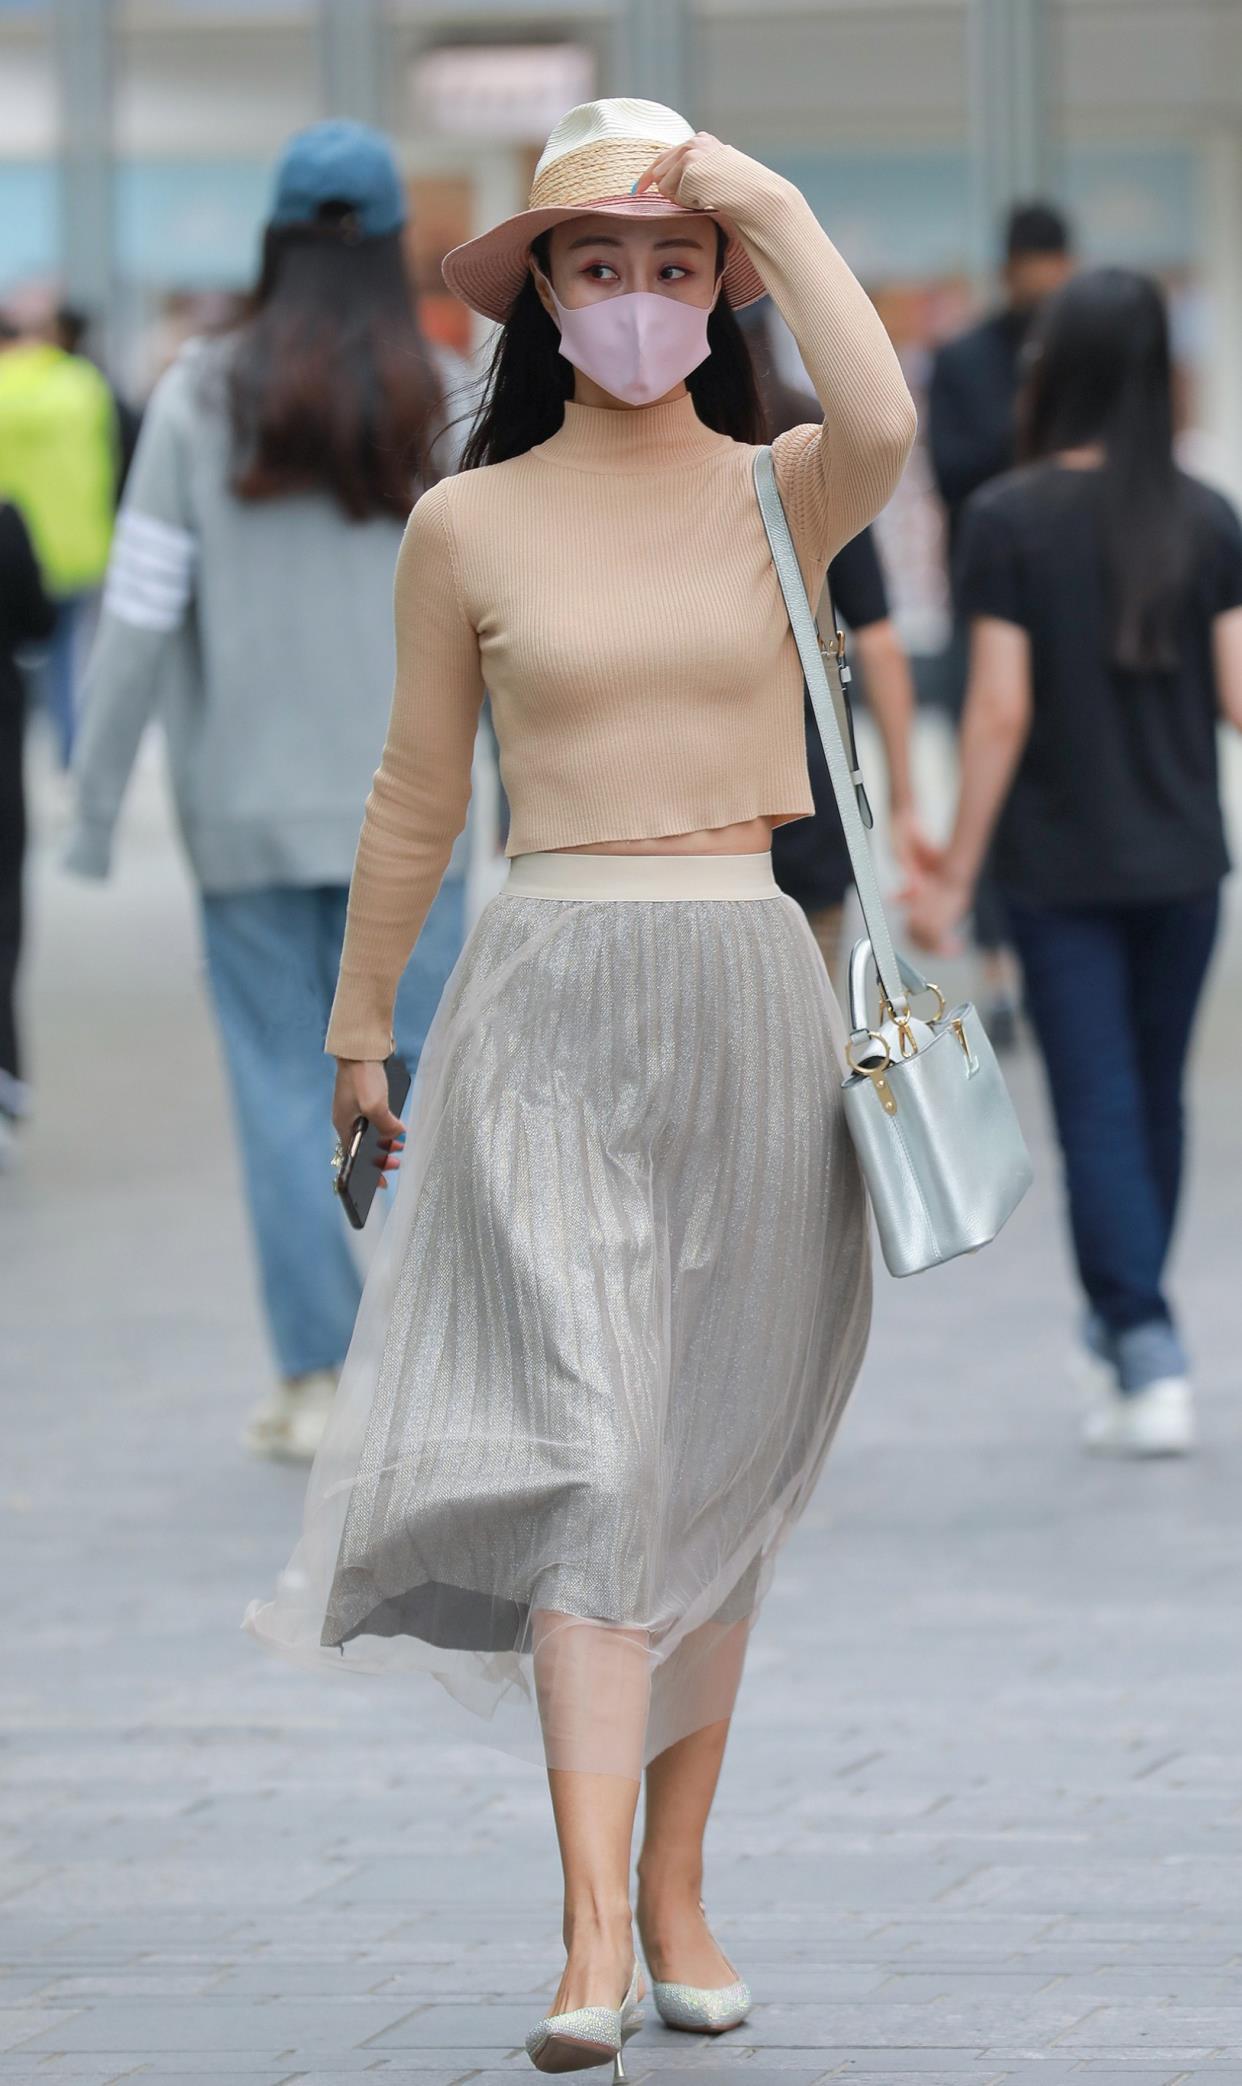 针织衫+百褶裙,适合早春时节的半裙搭配,减龄又显温柔气质